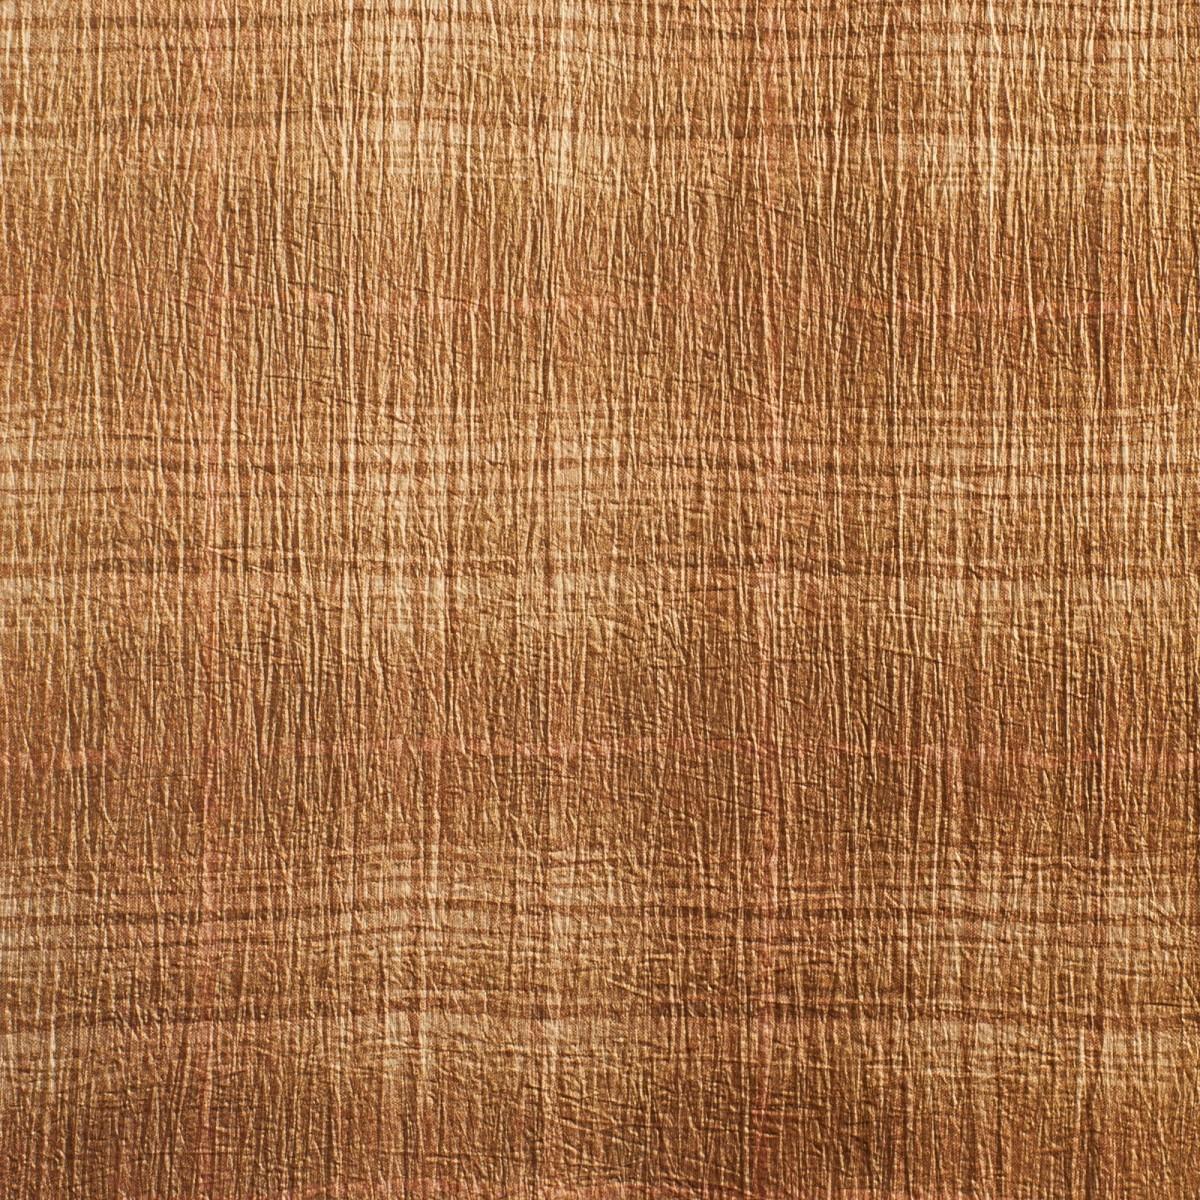 Обои флизелиновые Sirpi AltaGamma Lady коричневые 0.53 м 16751